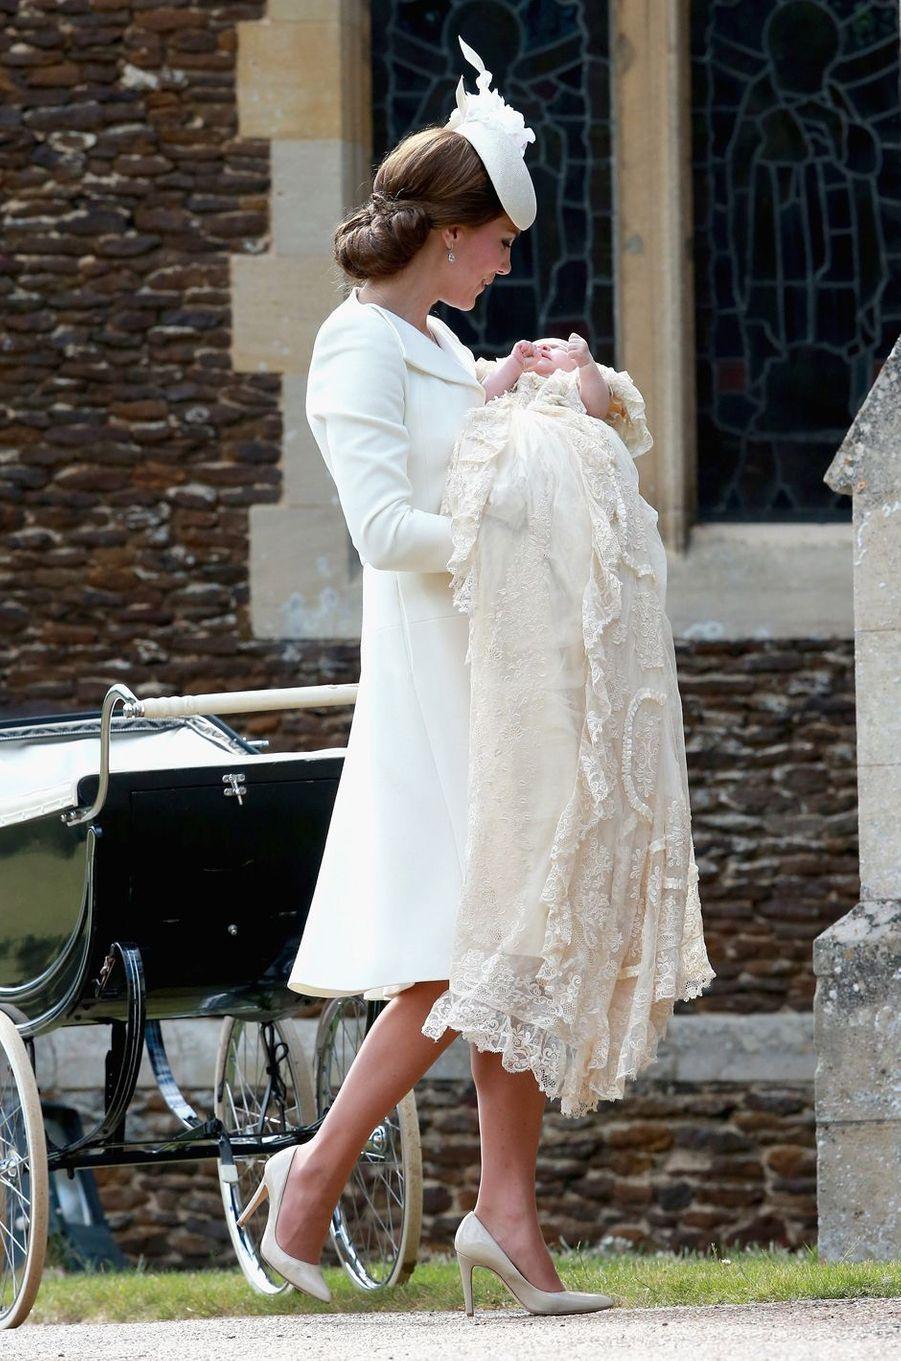 La princesse Charlotte de Cambridge, le 5 juillet 2015, jour de son baptême, avec sa mère Kate Middleton